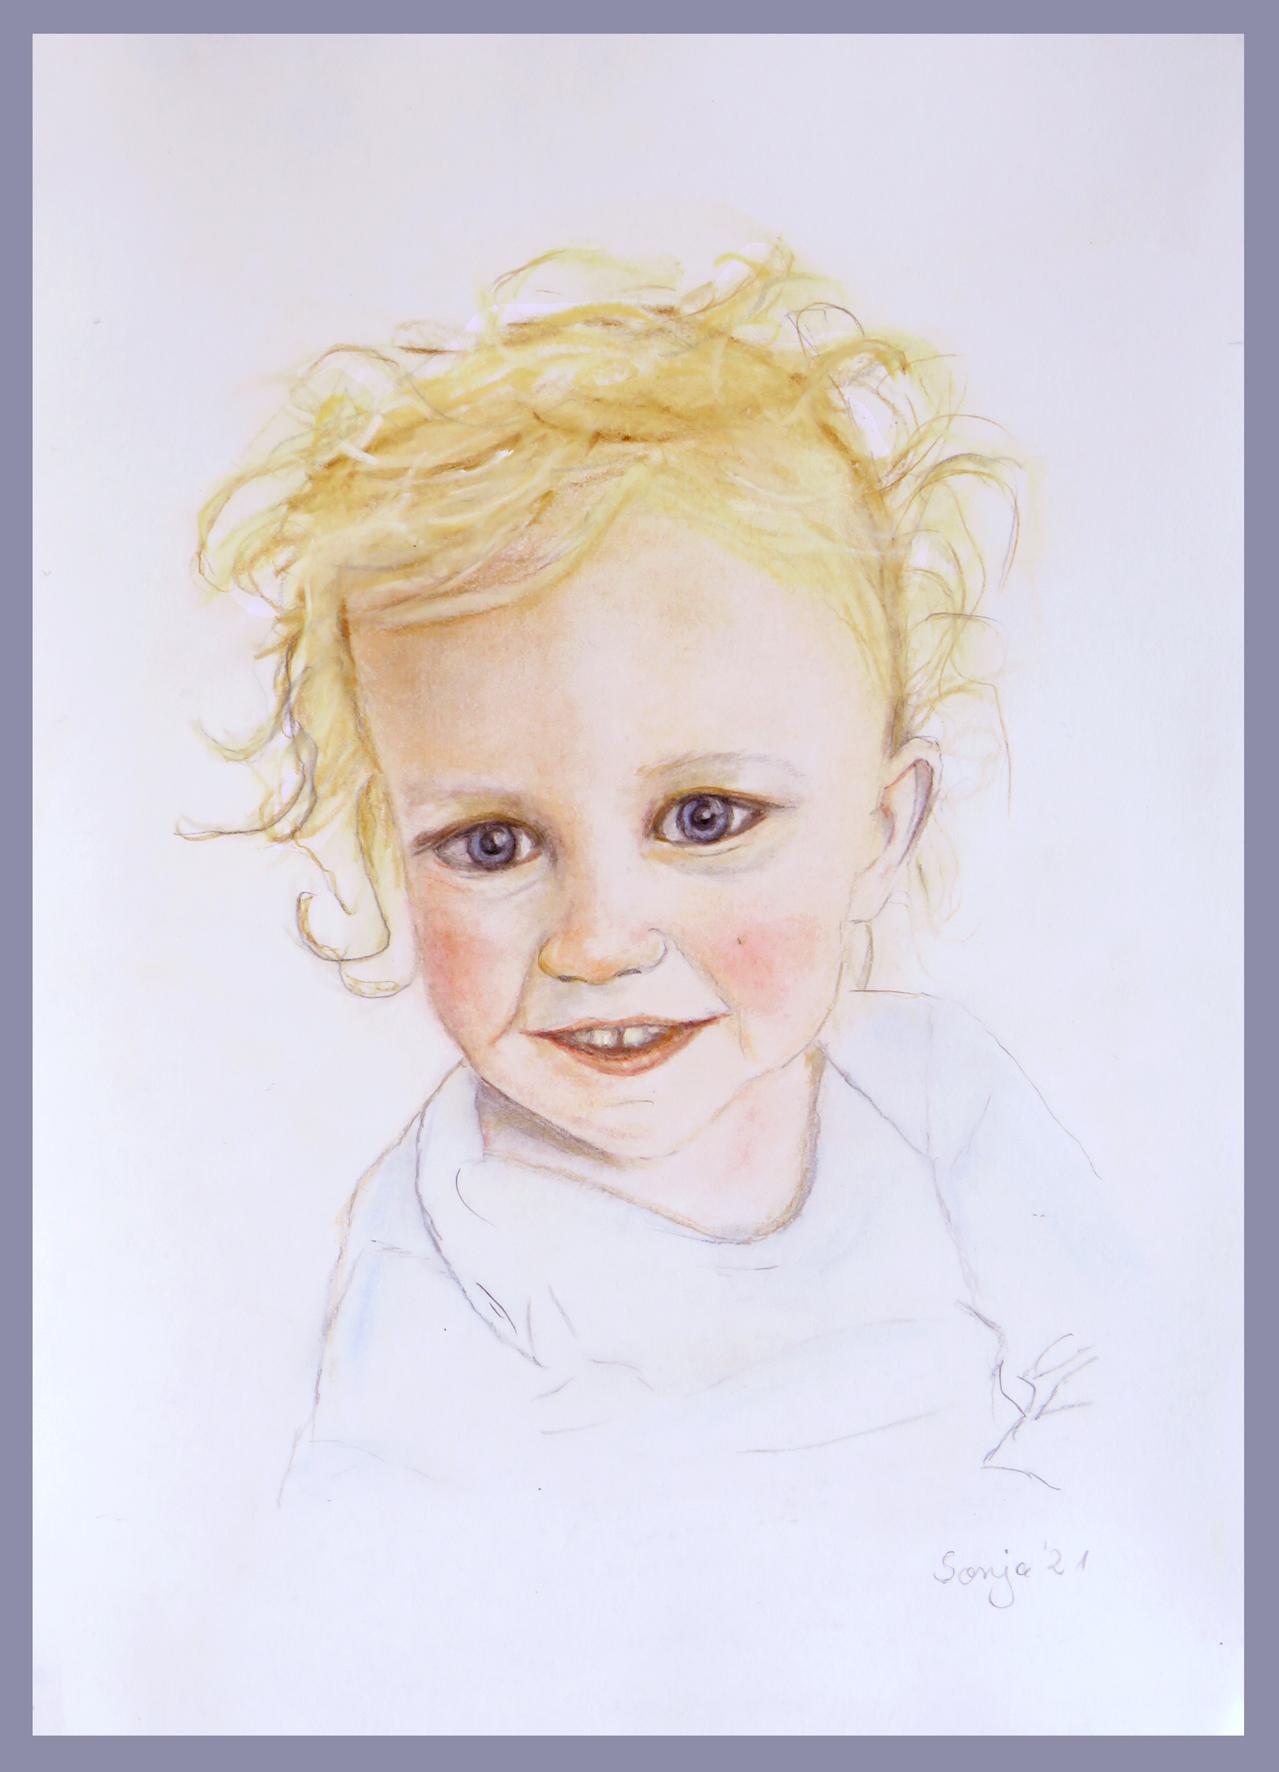 """""""Kleinkind"""", Pastell auf Karton, 21 x 29,7 cm"""